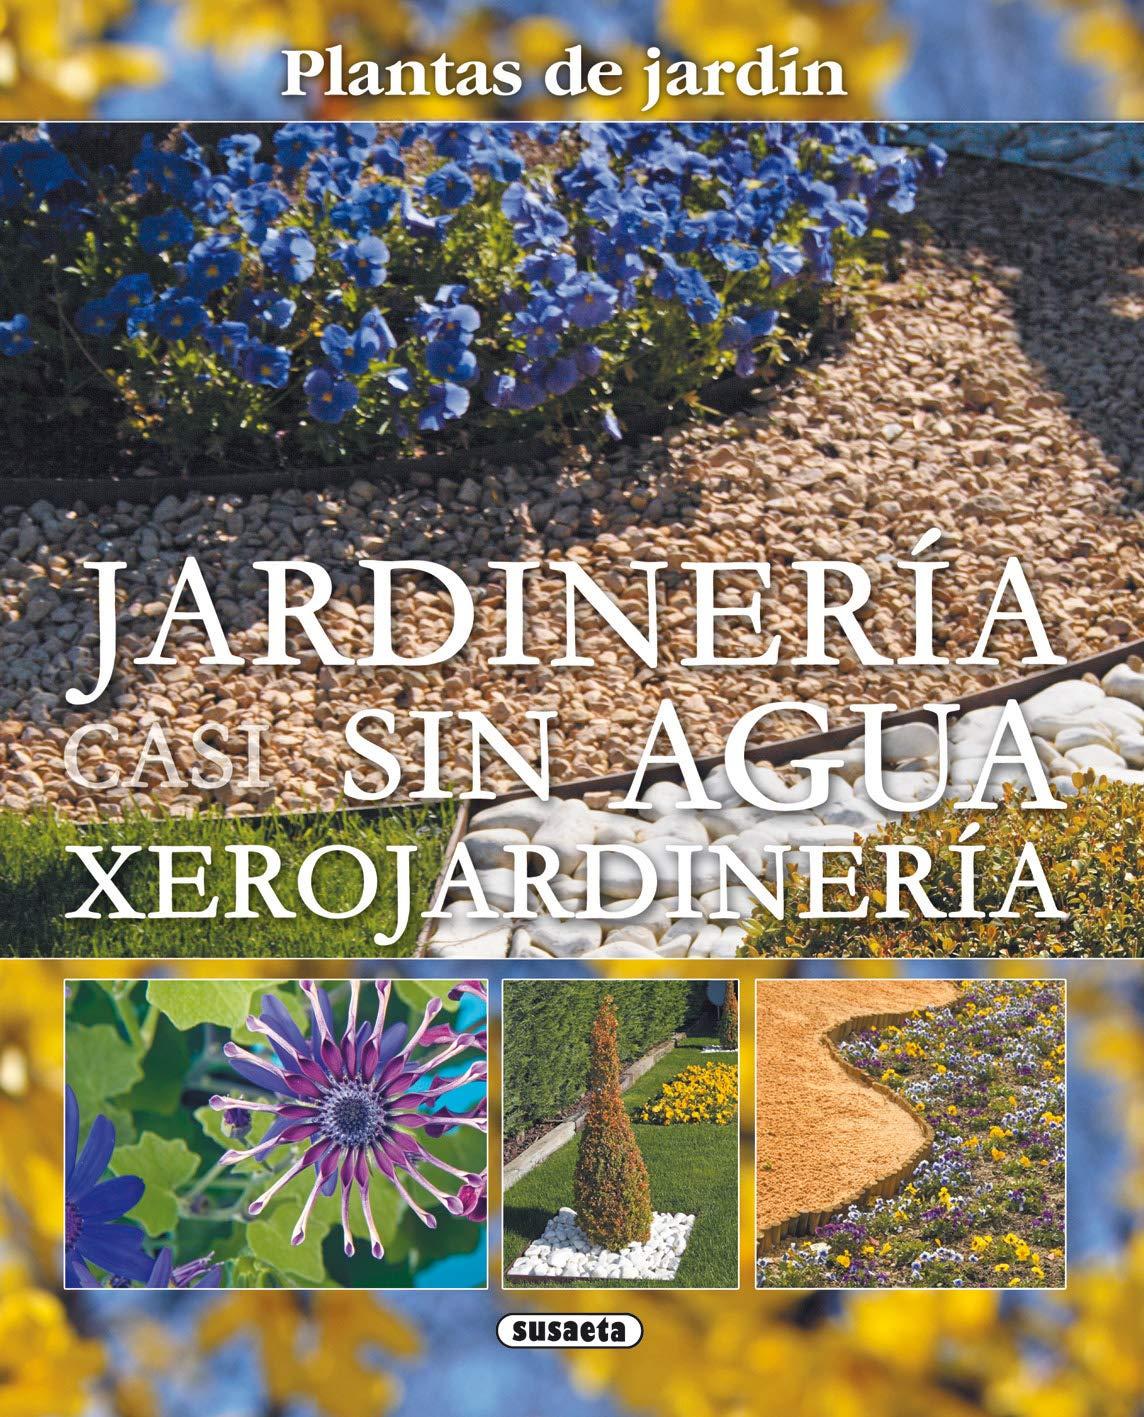 Jardineria Casi Sin Agua Xerojardineria Plantas De Jardin Plantas De Jardín: Amazon.es: Susaeta, Equipo, Susaeta, Equipo: Libros